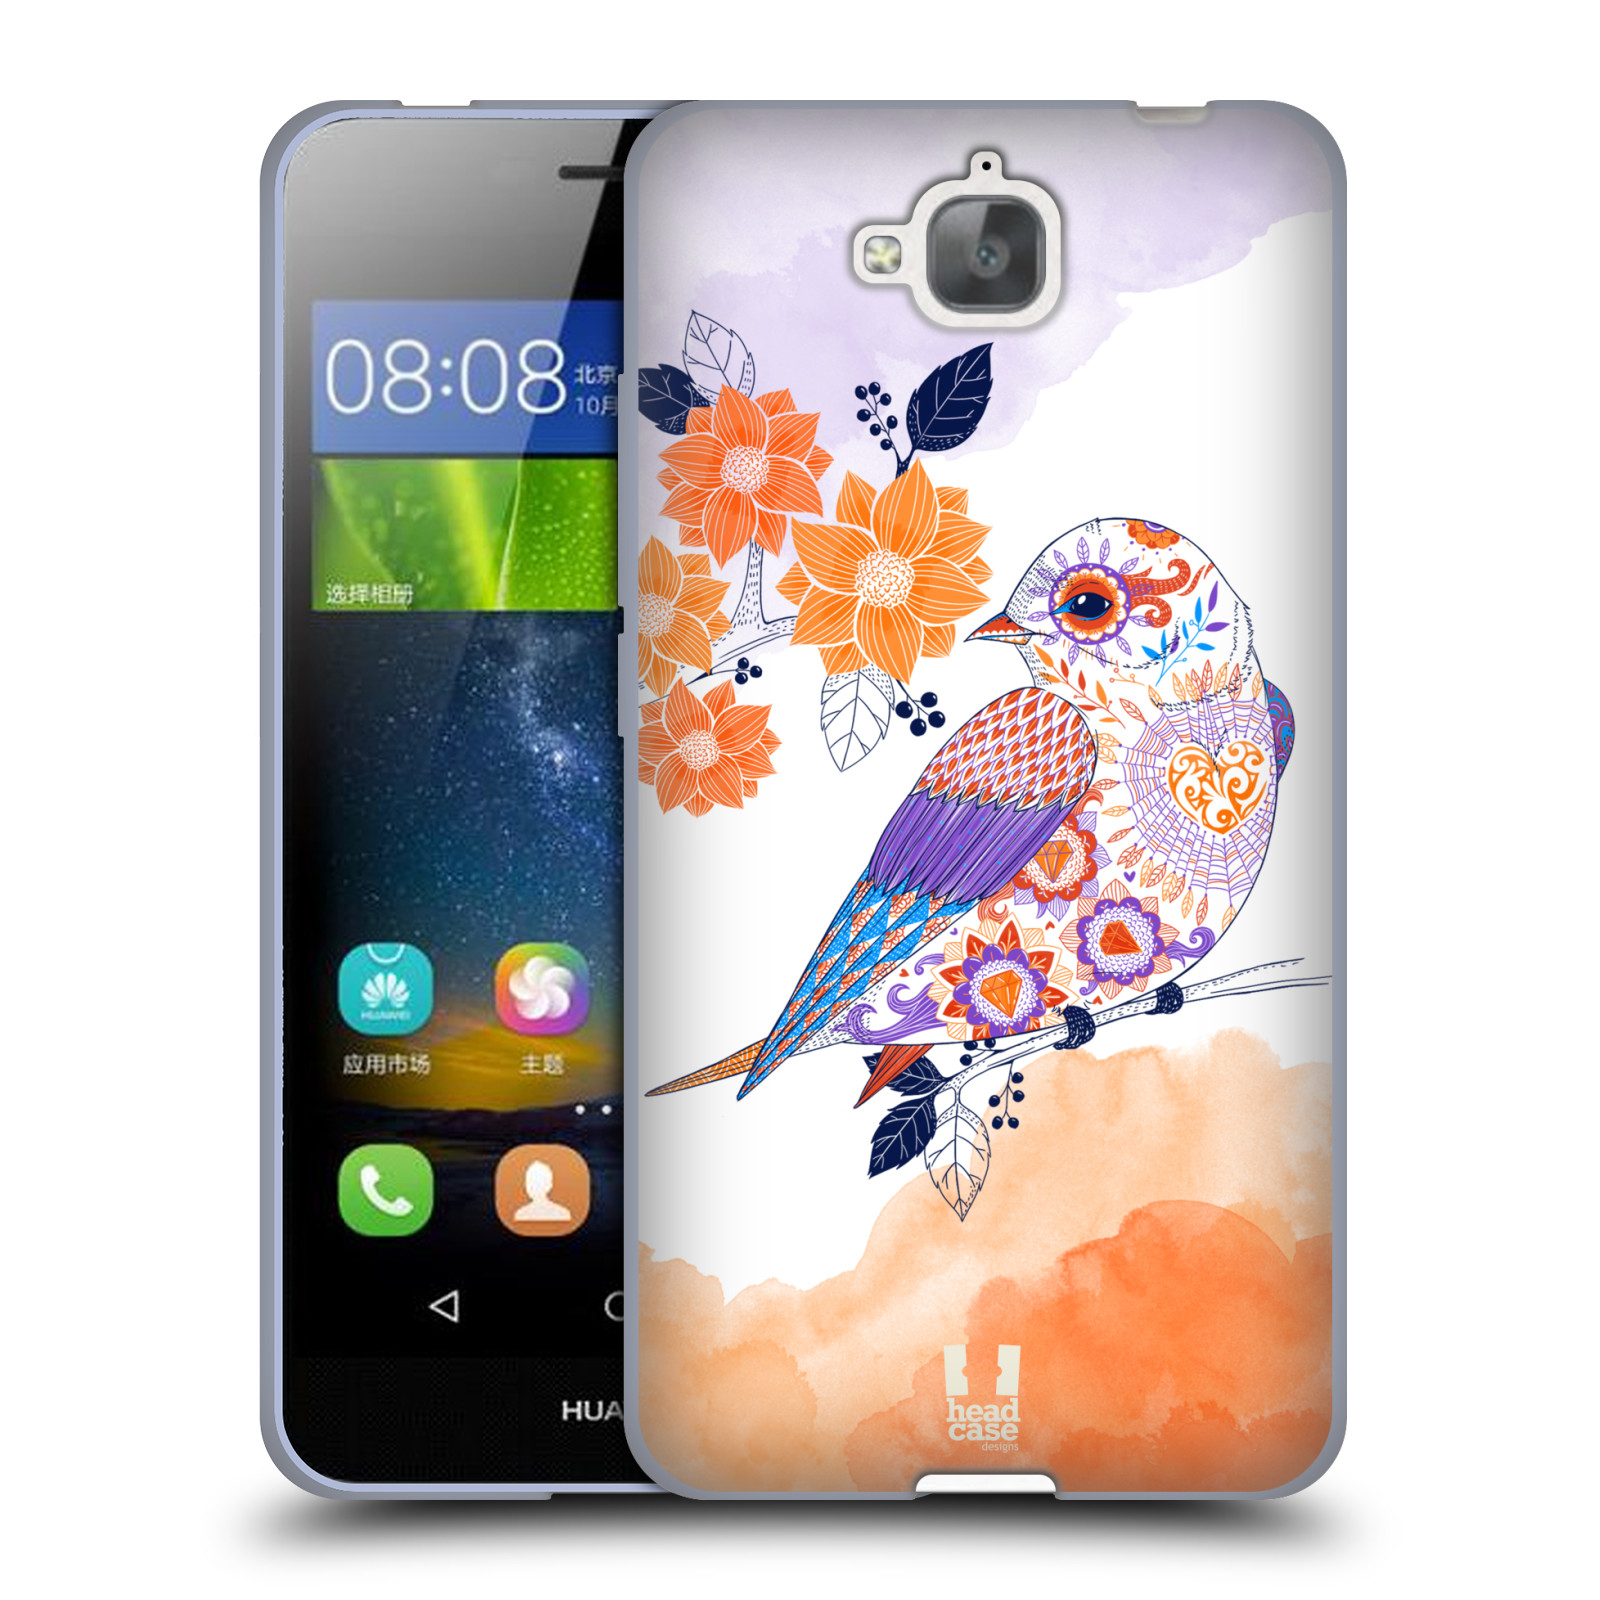 Silikonové pouzdro na mobil Huawei Y6 Pro Dual Sim HEAD CASE PTÁČEK TANGERINE